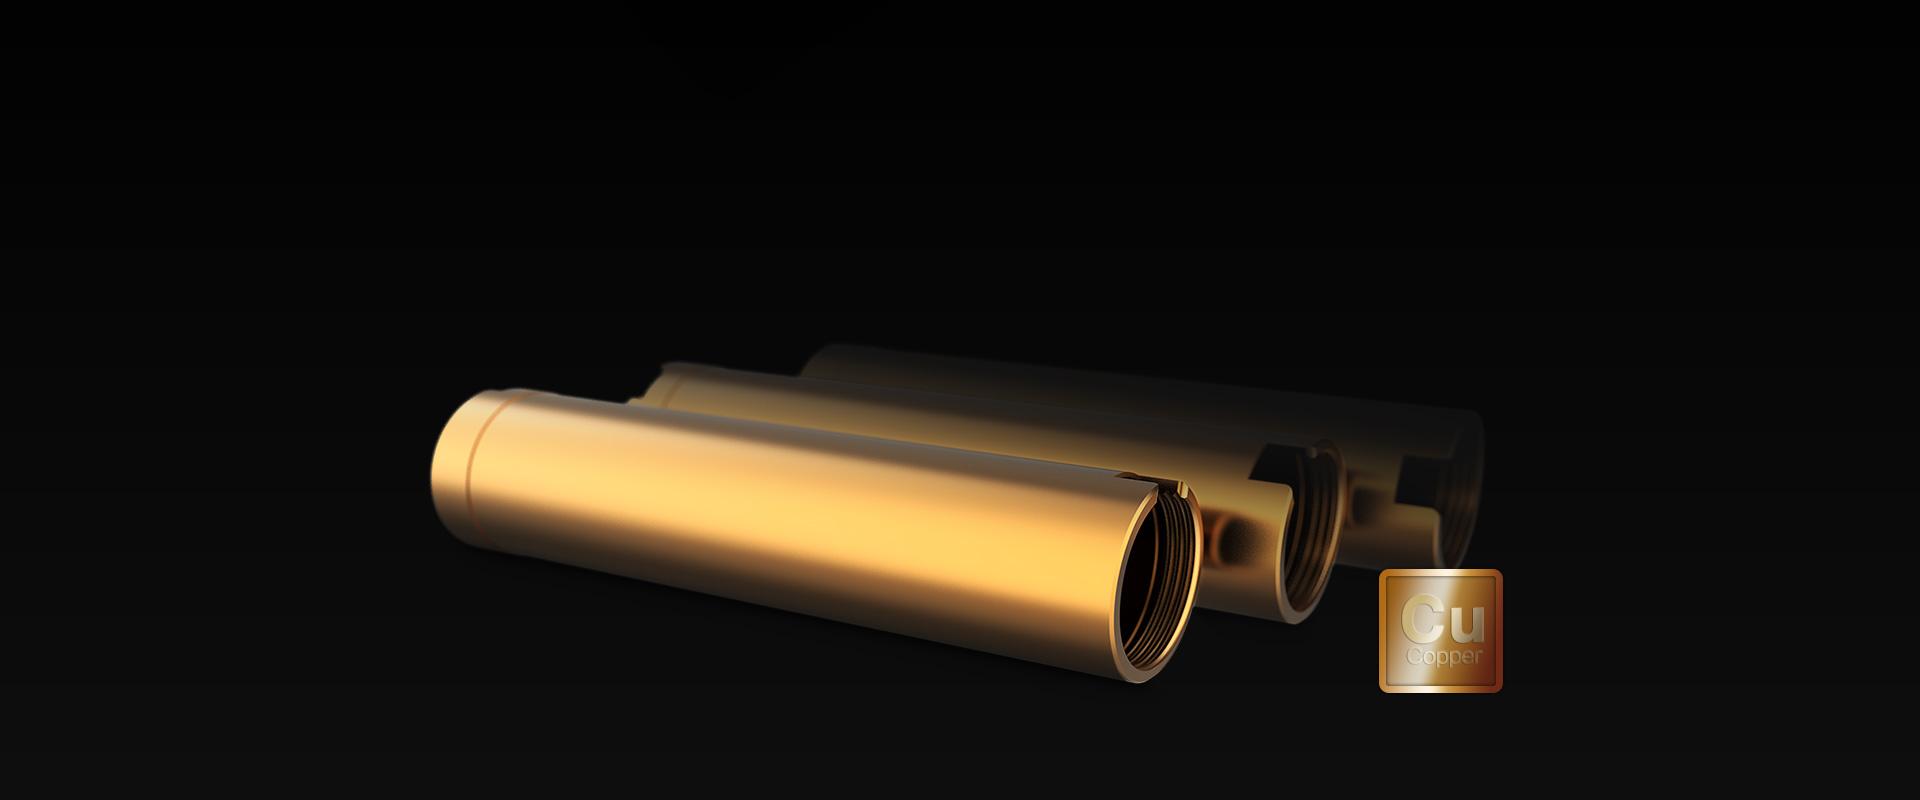 acrohm fush tube vapexperts 9